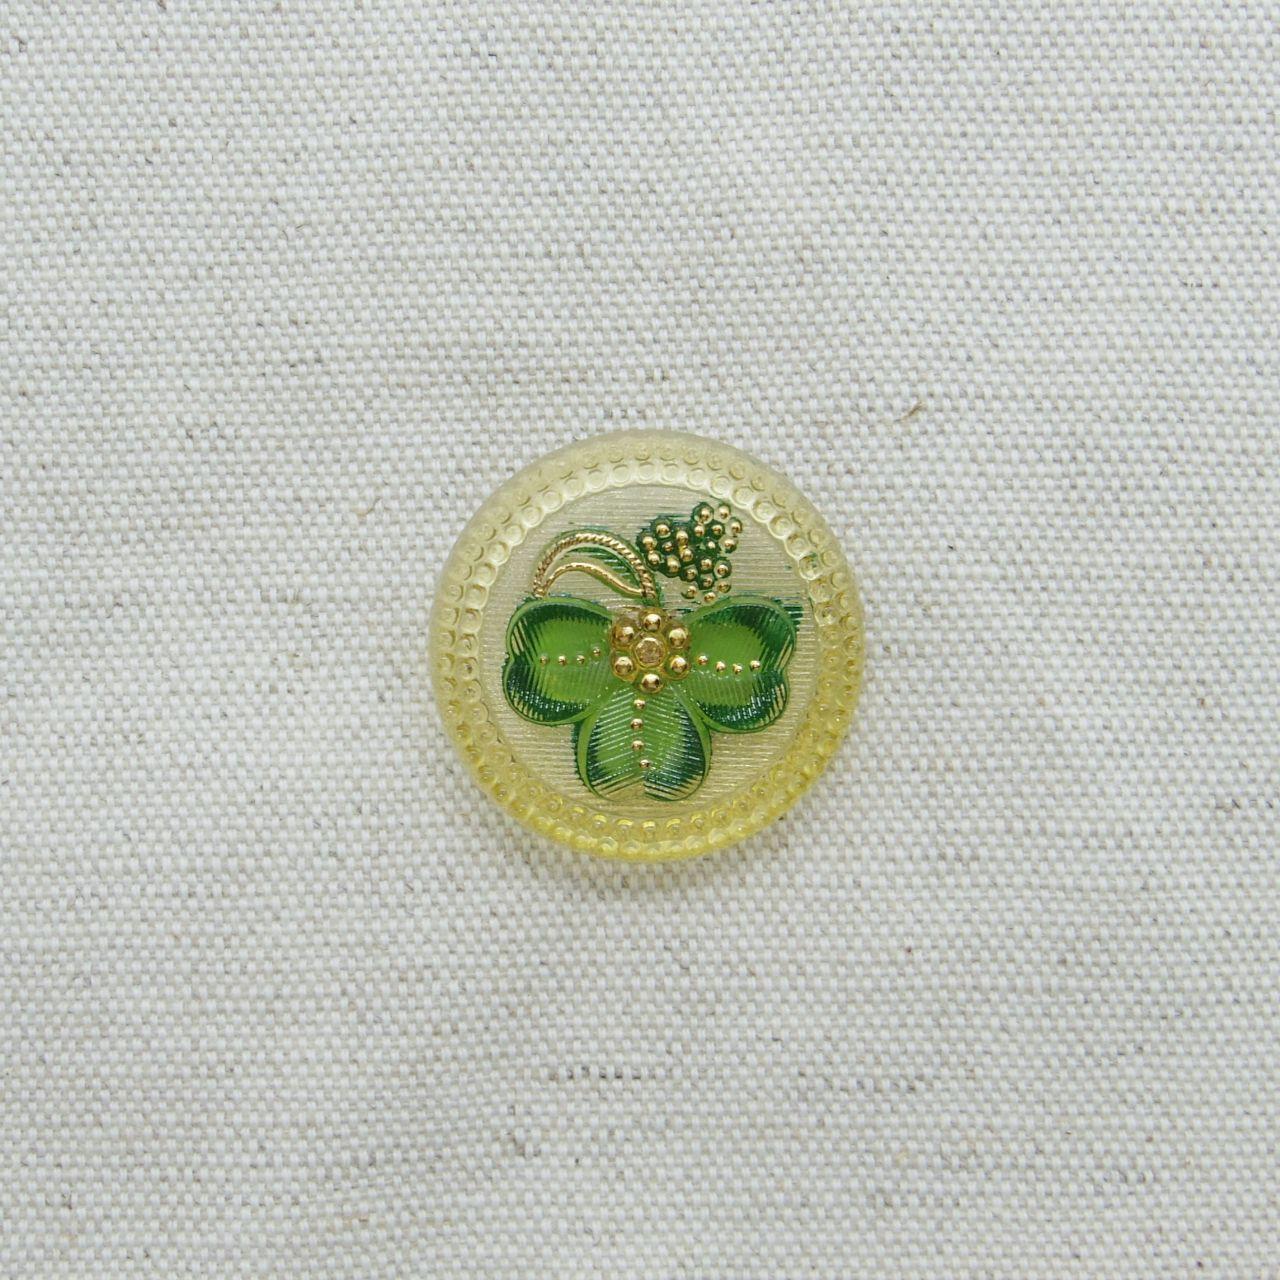 【チェコガラスボタン】クローバー・緑 ::: 大2.7cm